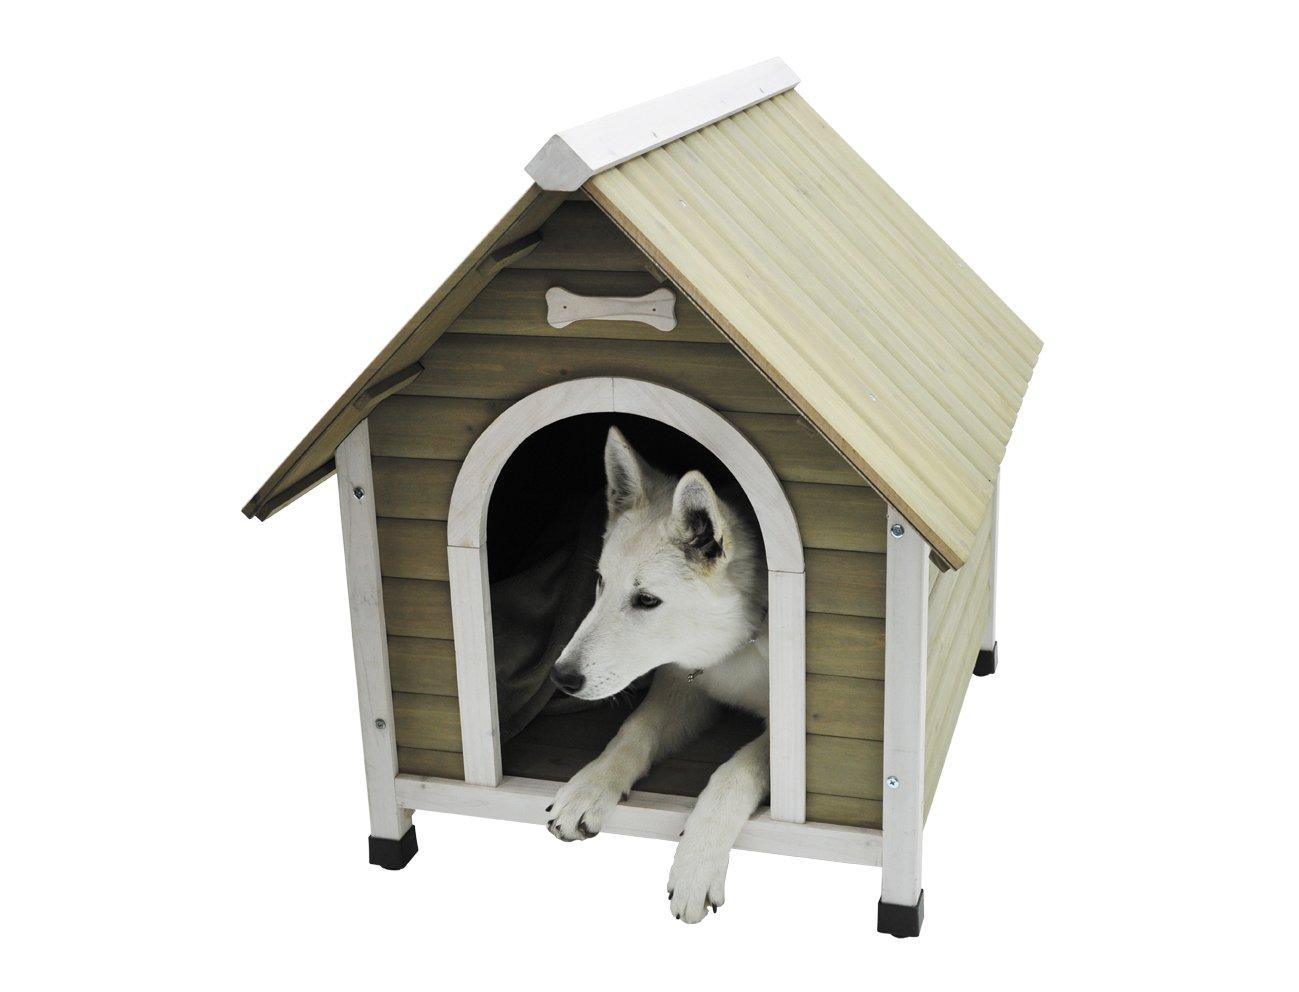 Nobby caseta de madera con techo inclinado para perro